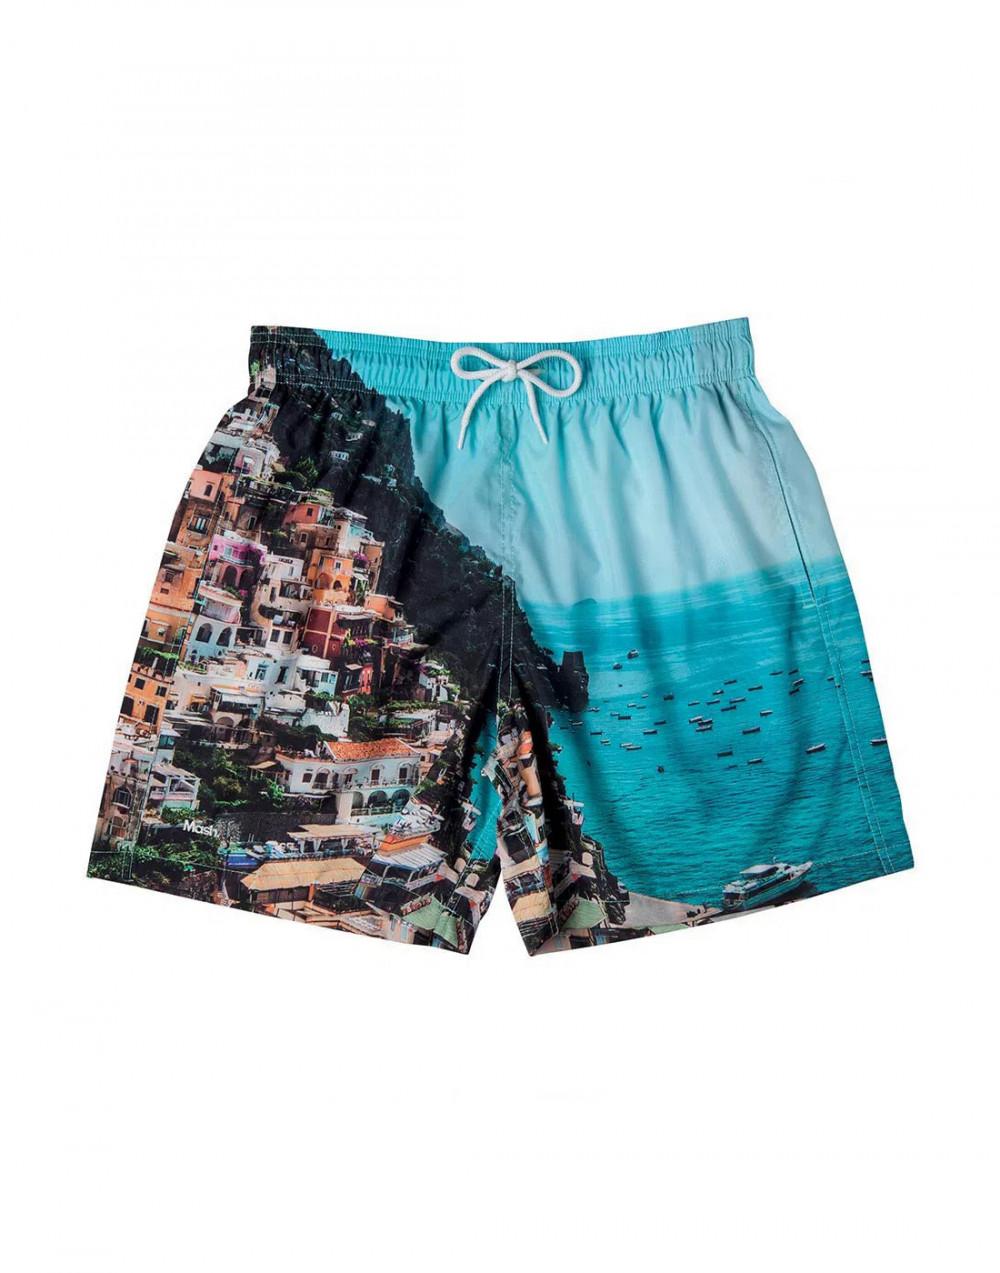 Shorts Estampado Destinos FPS 30 Mash